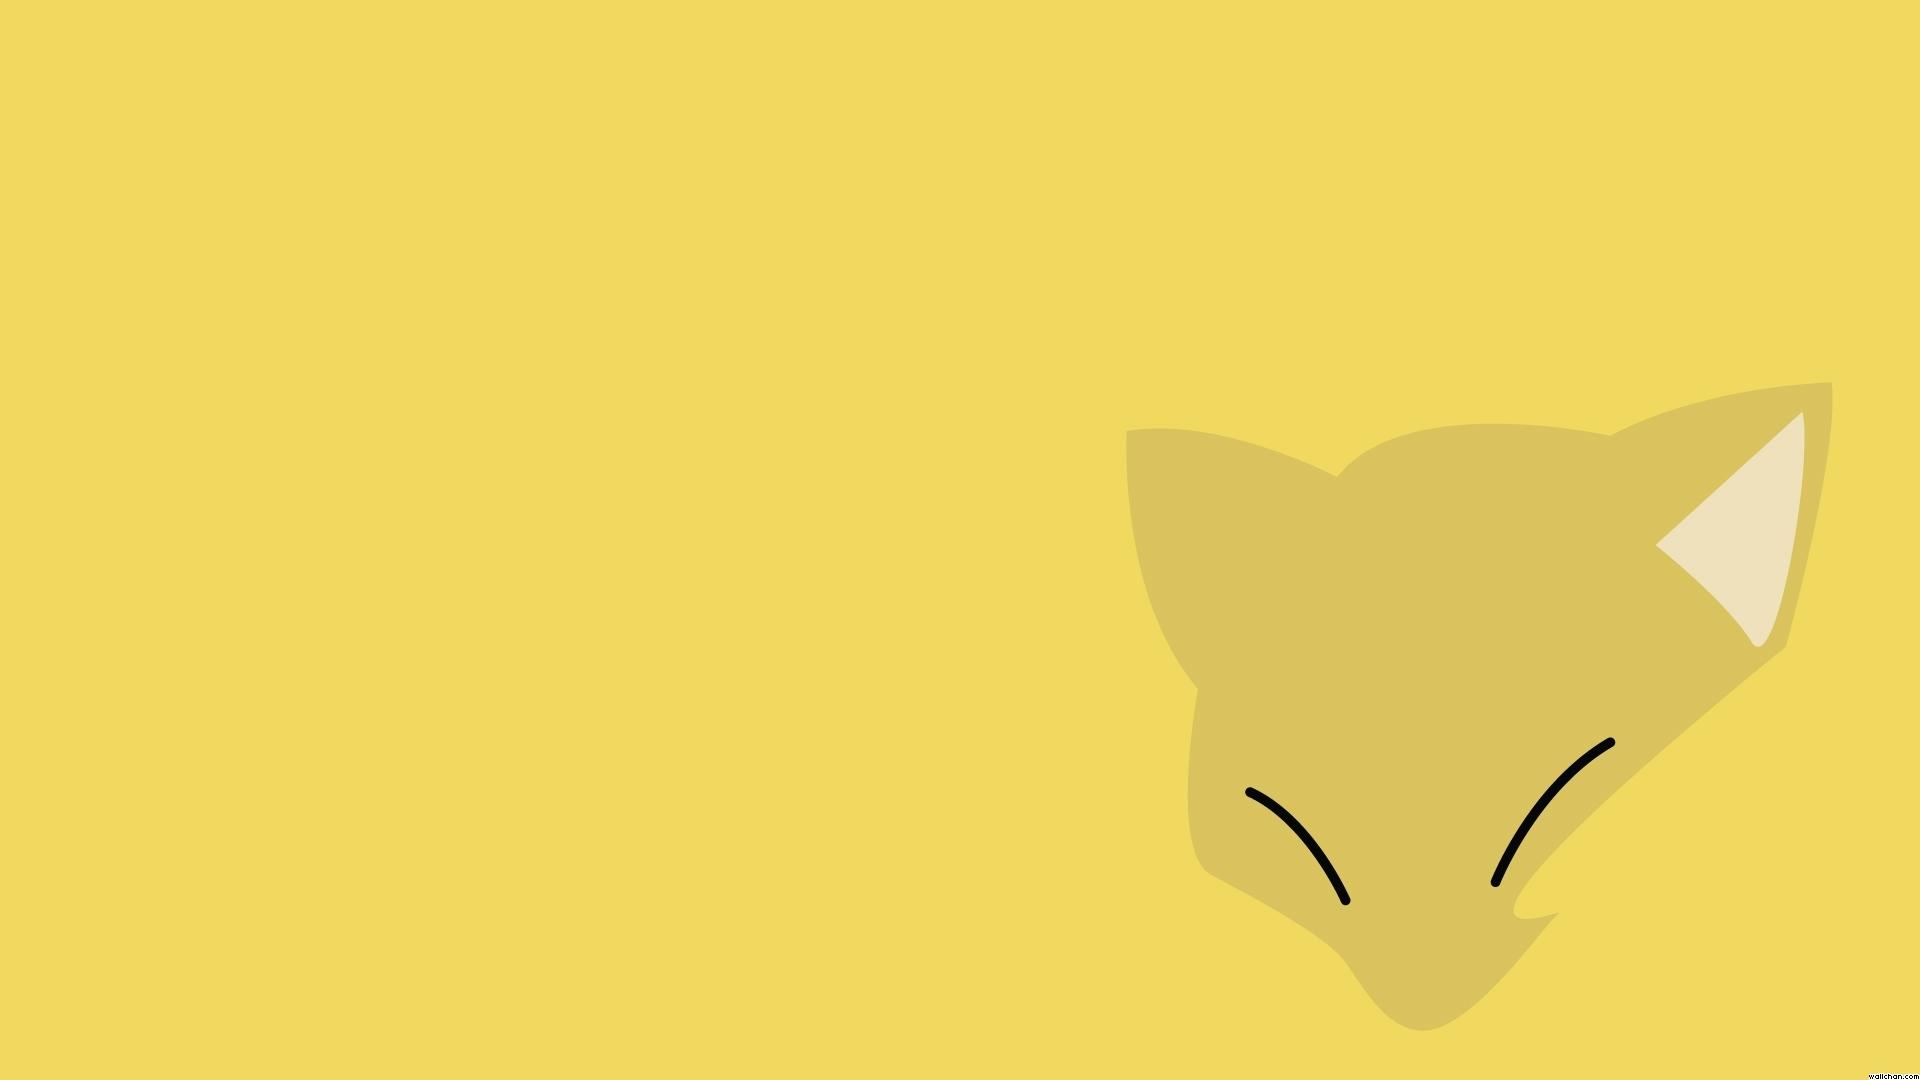 Download Wallpapers Download 960x800 pokemon abra 960x800